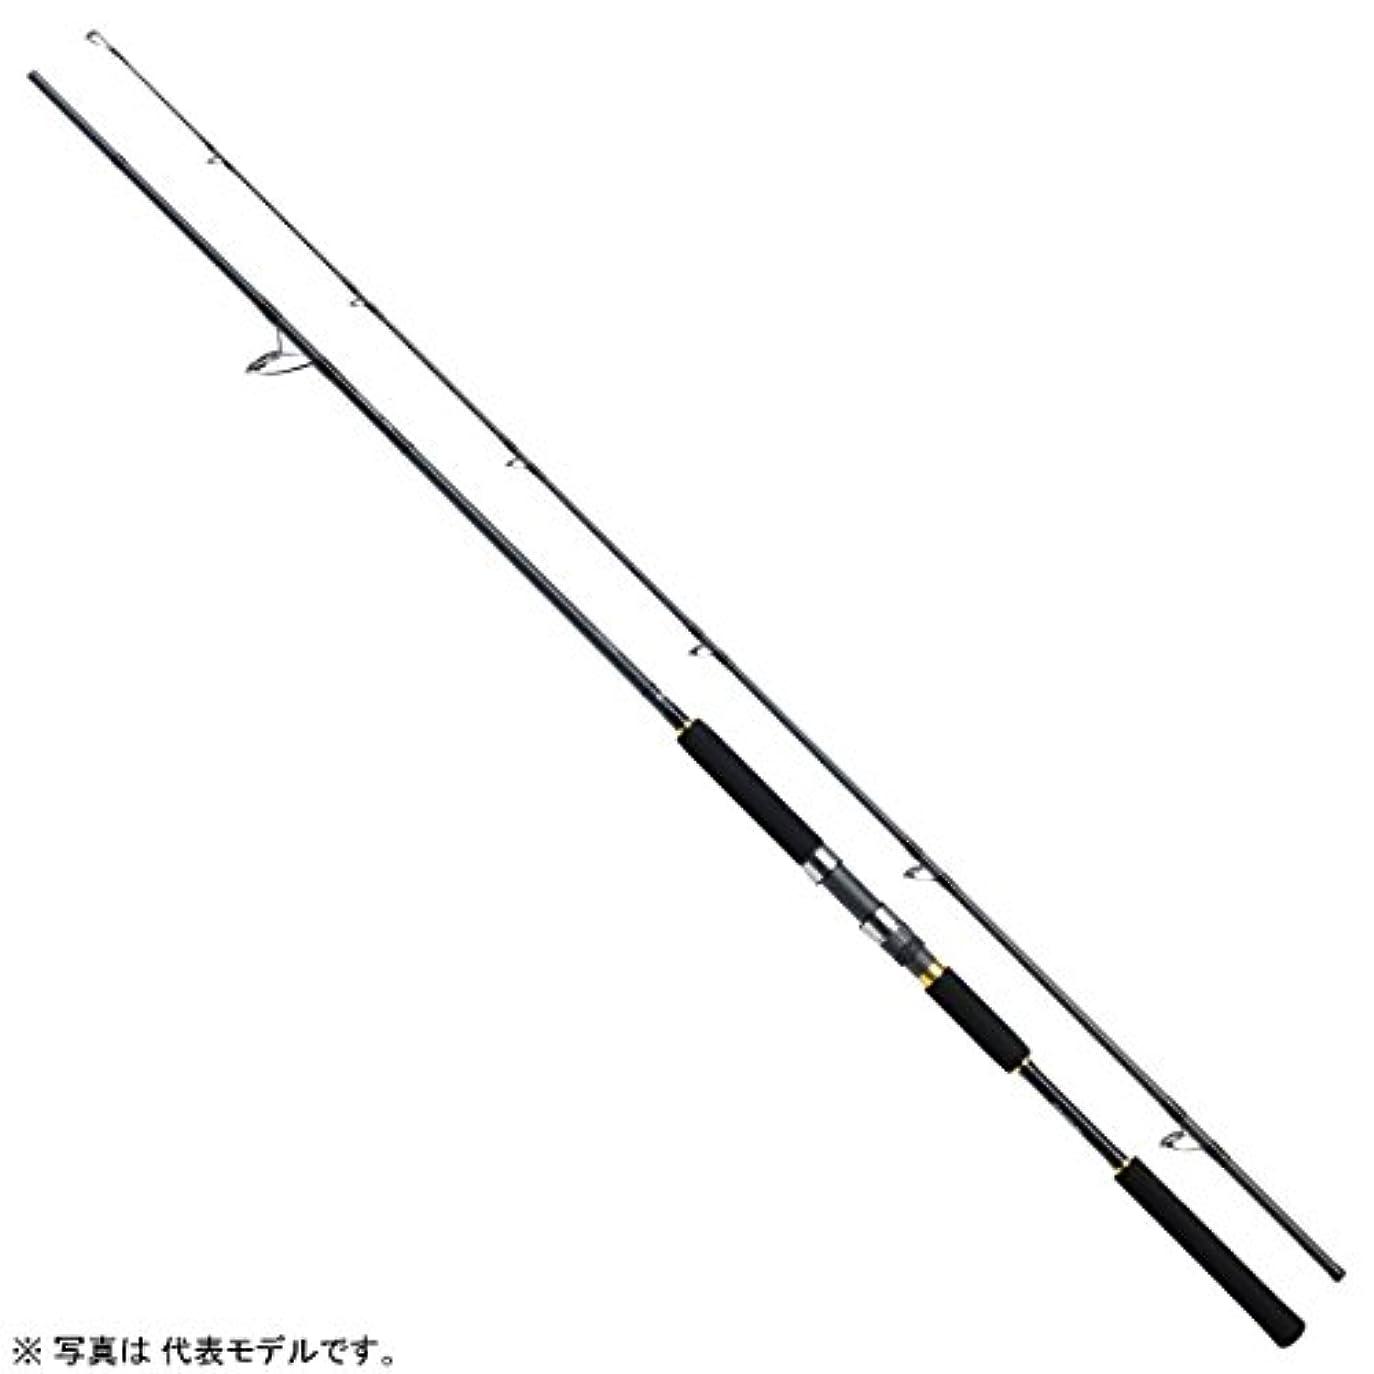 持ってるぼんやりしたゼロダイワ(DAIWA) ショアジギングロッド スピニング ジグキャスター MX 90MH ショアジギング 釣り竿